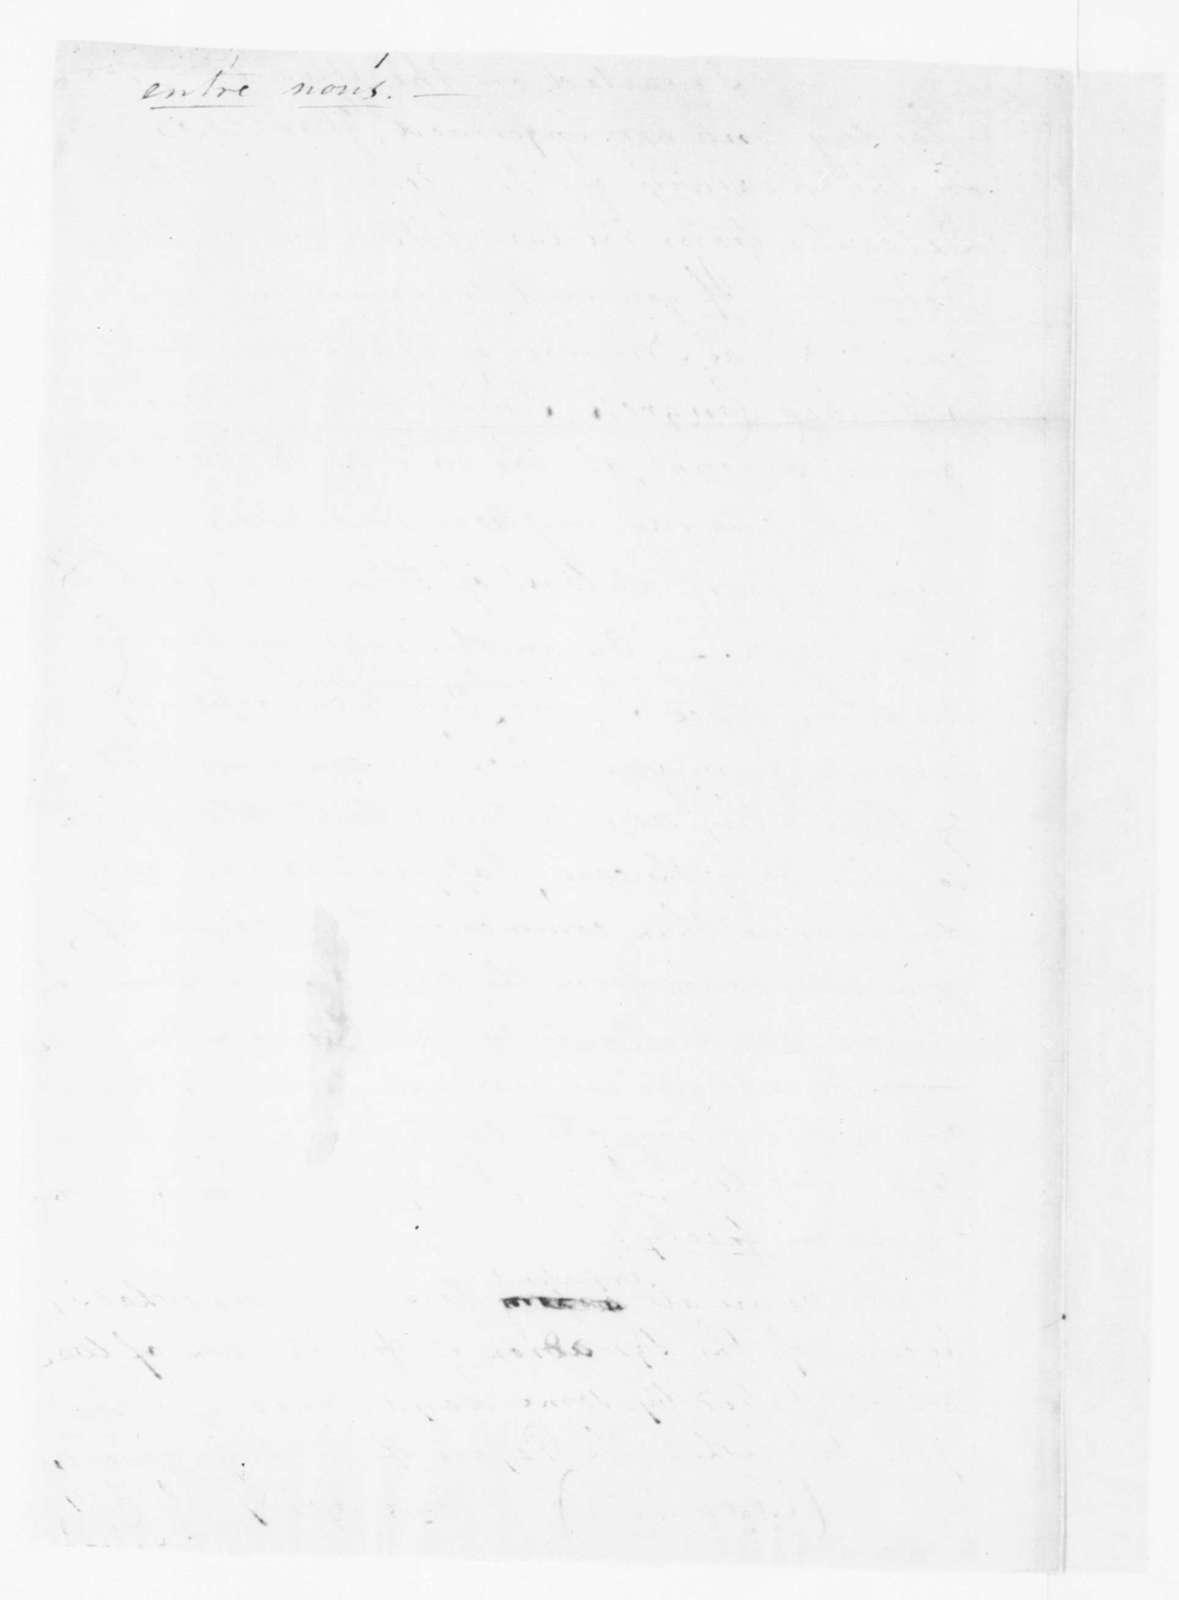 J. Ambler to James Madison. 1782.